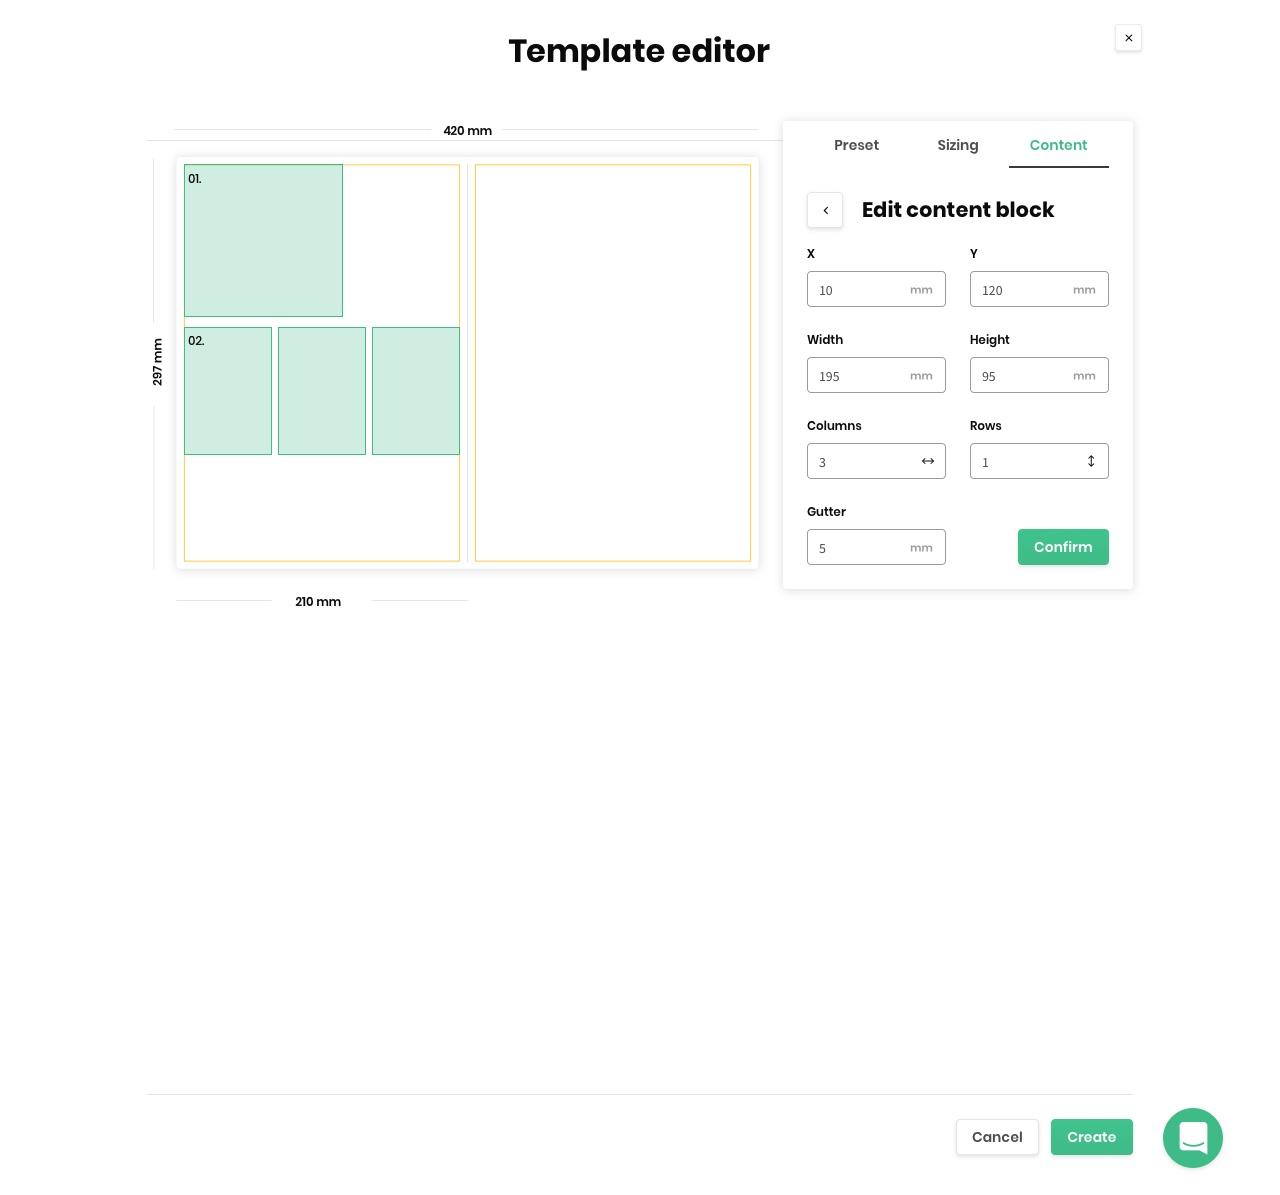 5.-Template-editor-confirm-button